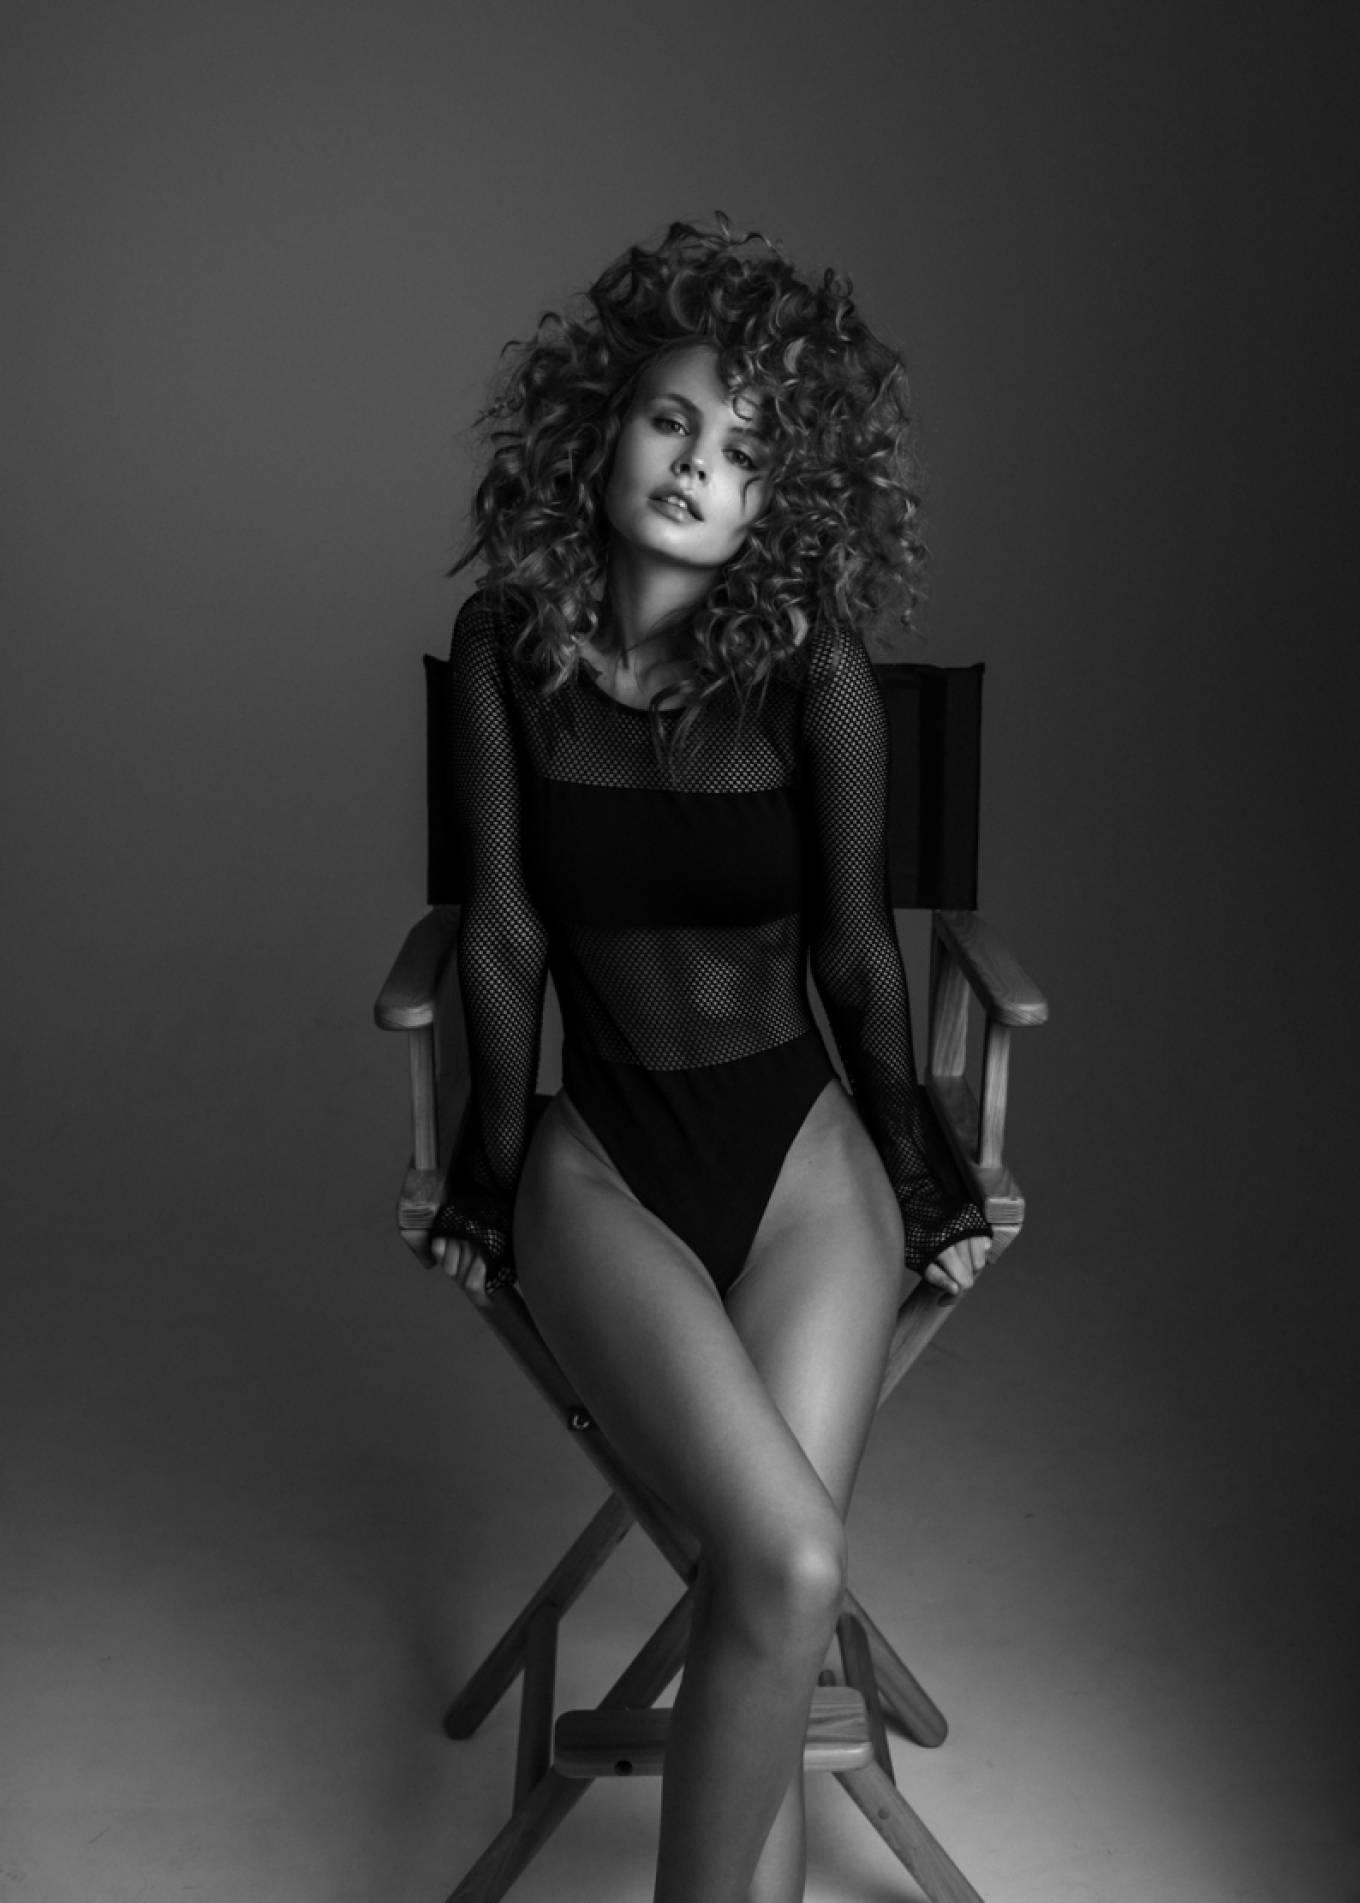 Anastasiya Scheglova – Sexy Body In Beautiful Photoshoot By Tonya Kochneva 0003